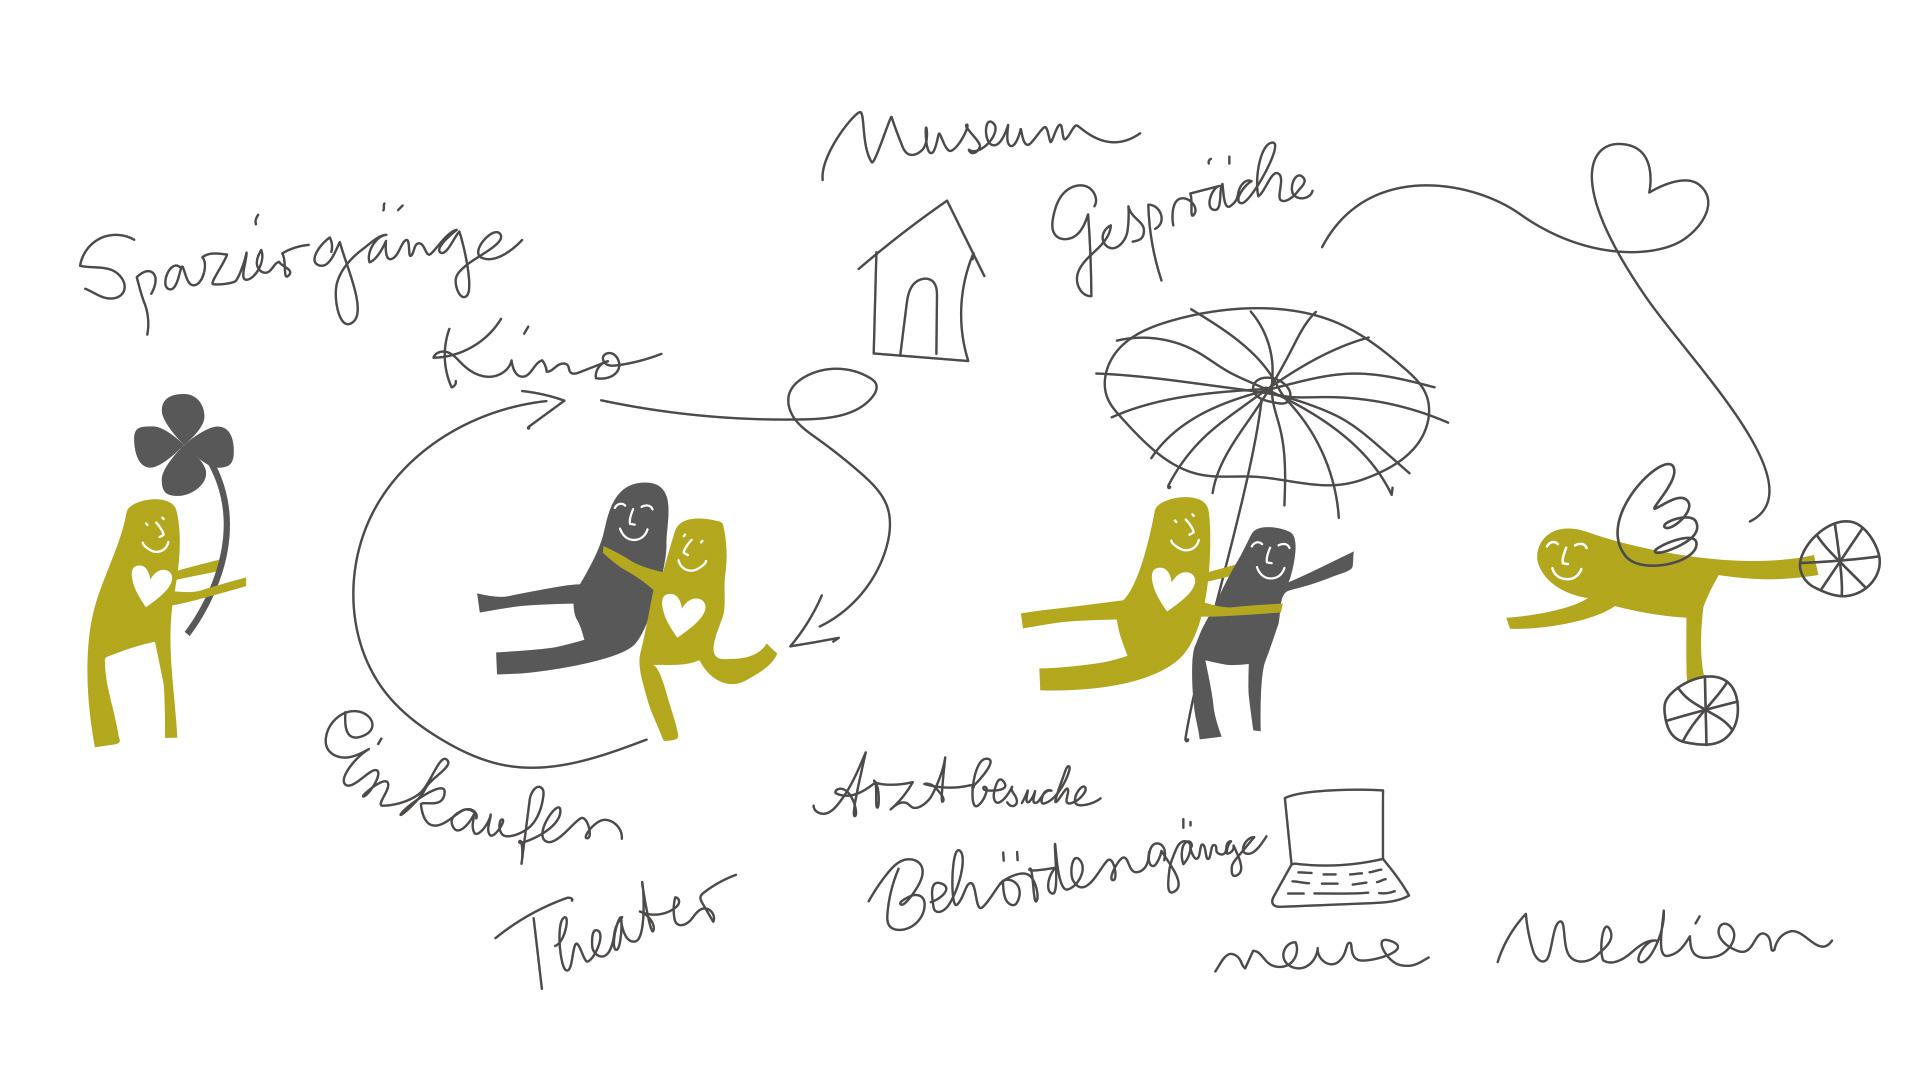 Illustrationen für die Seniorenassistenz Susanne Horstkötter